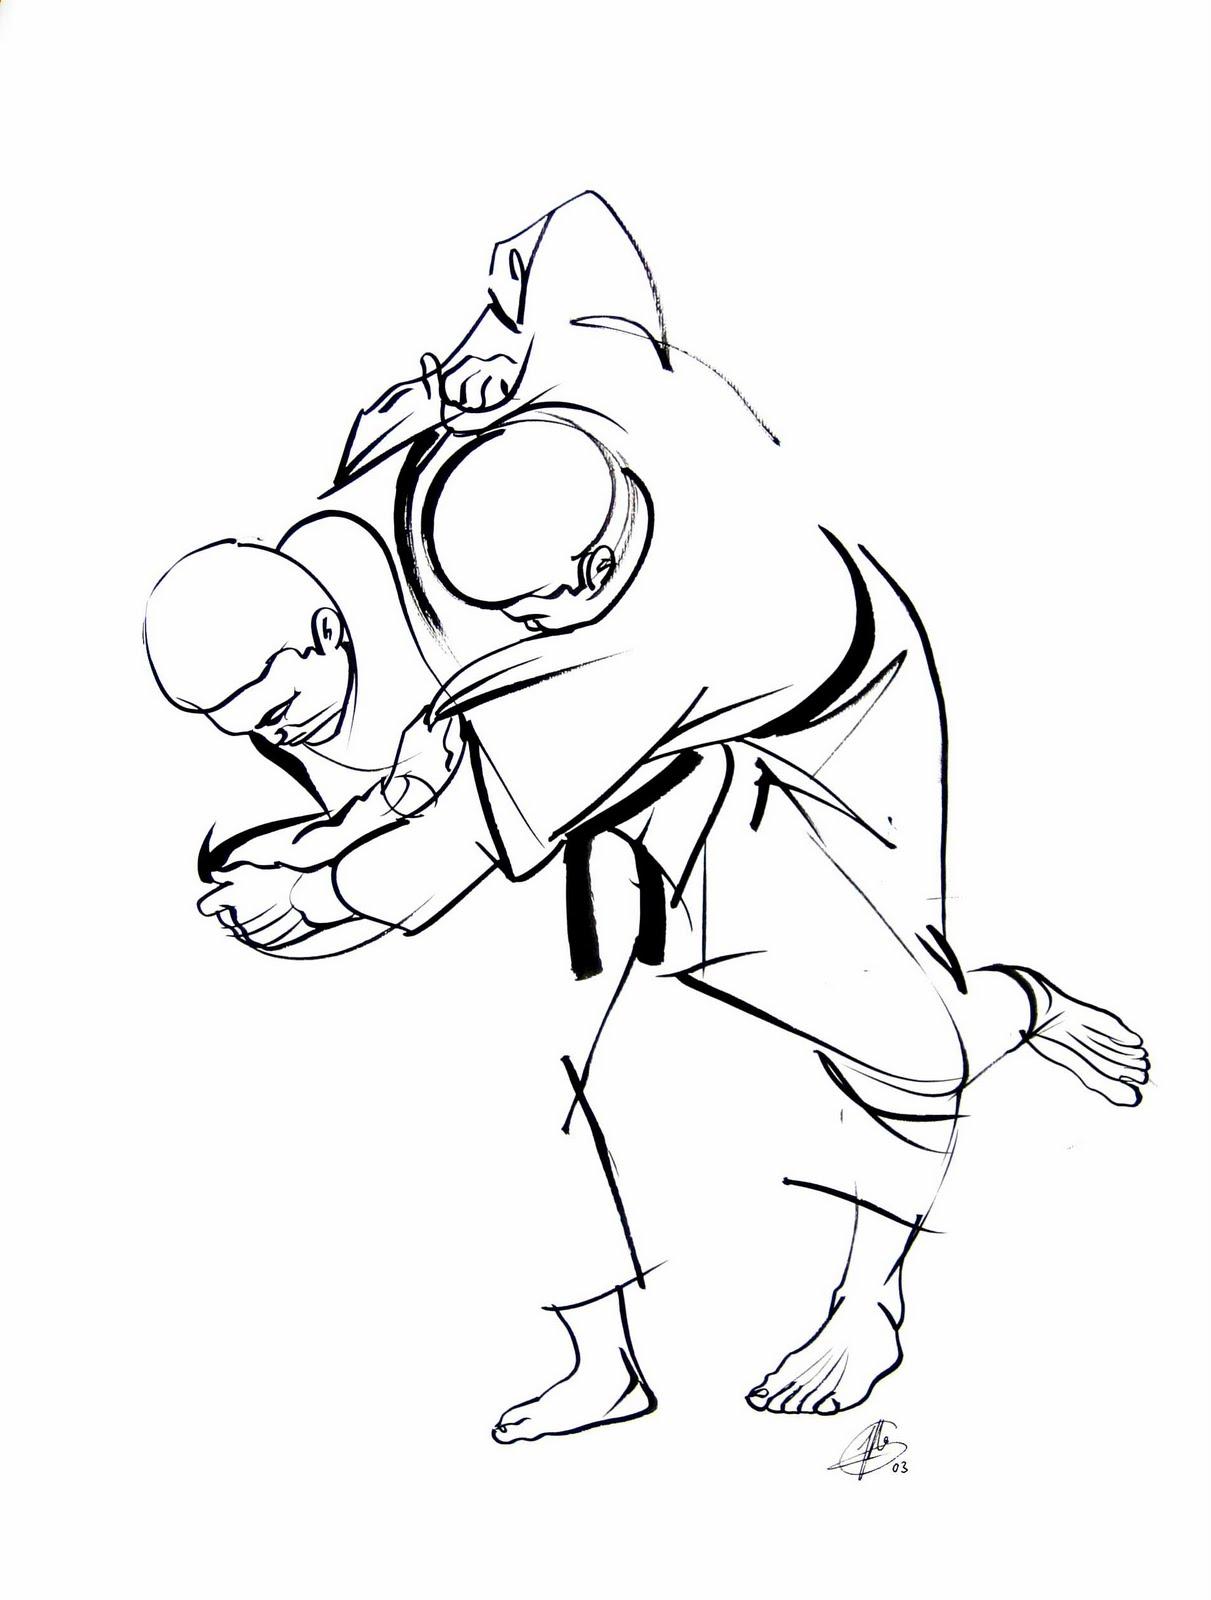 Shidokai Judo May